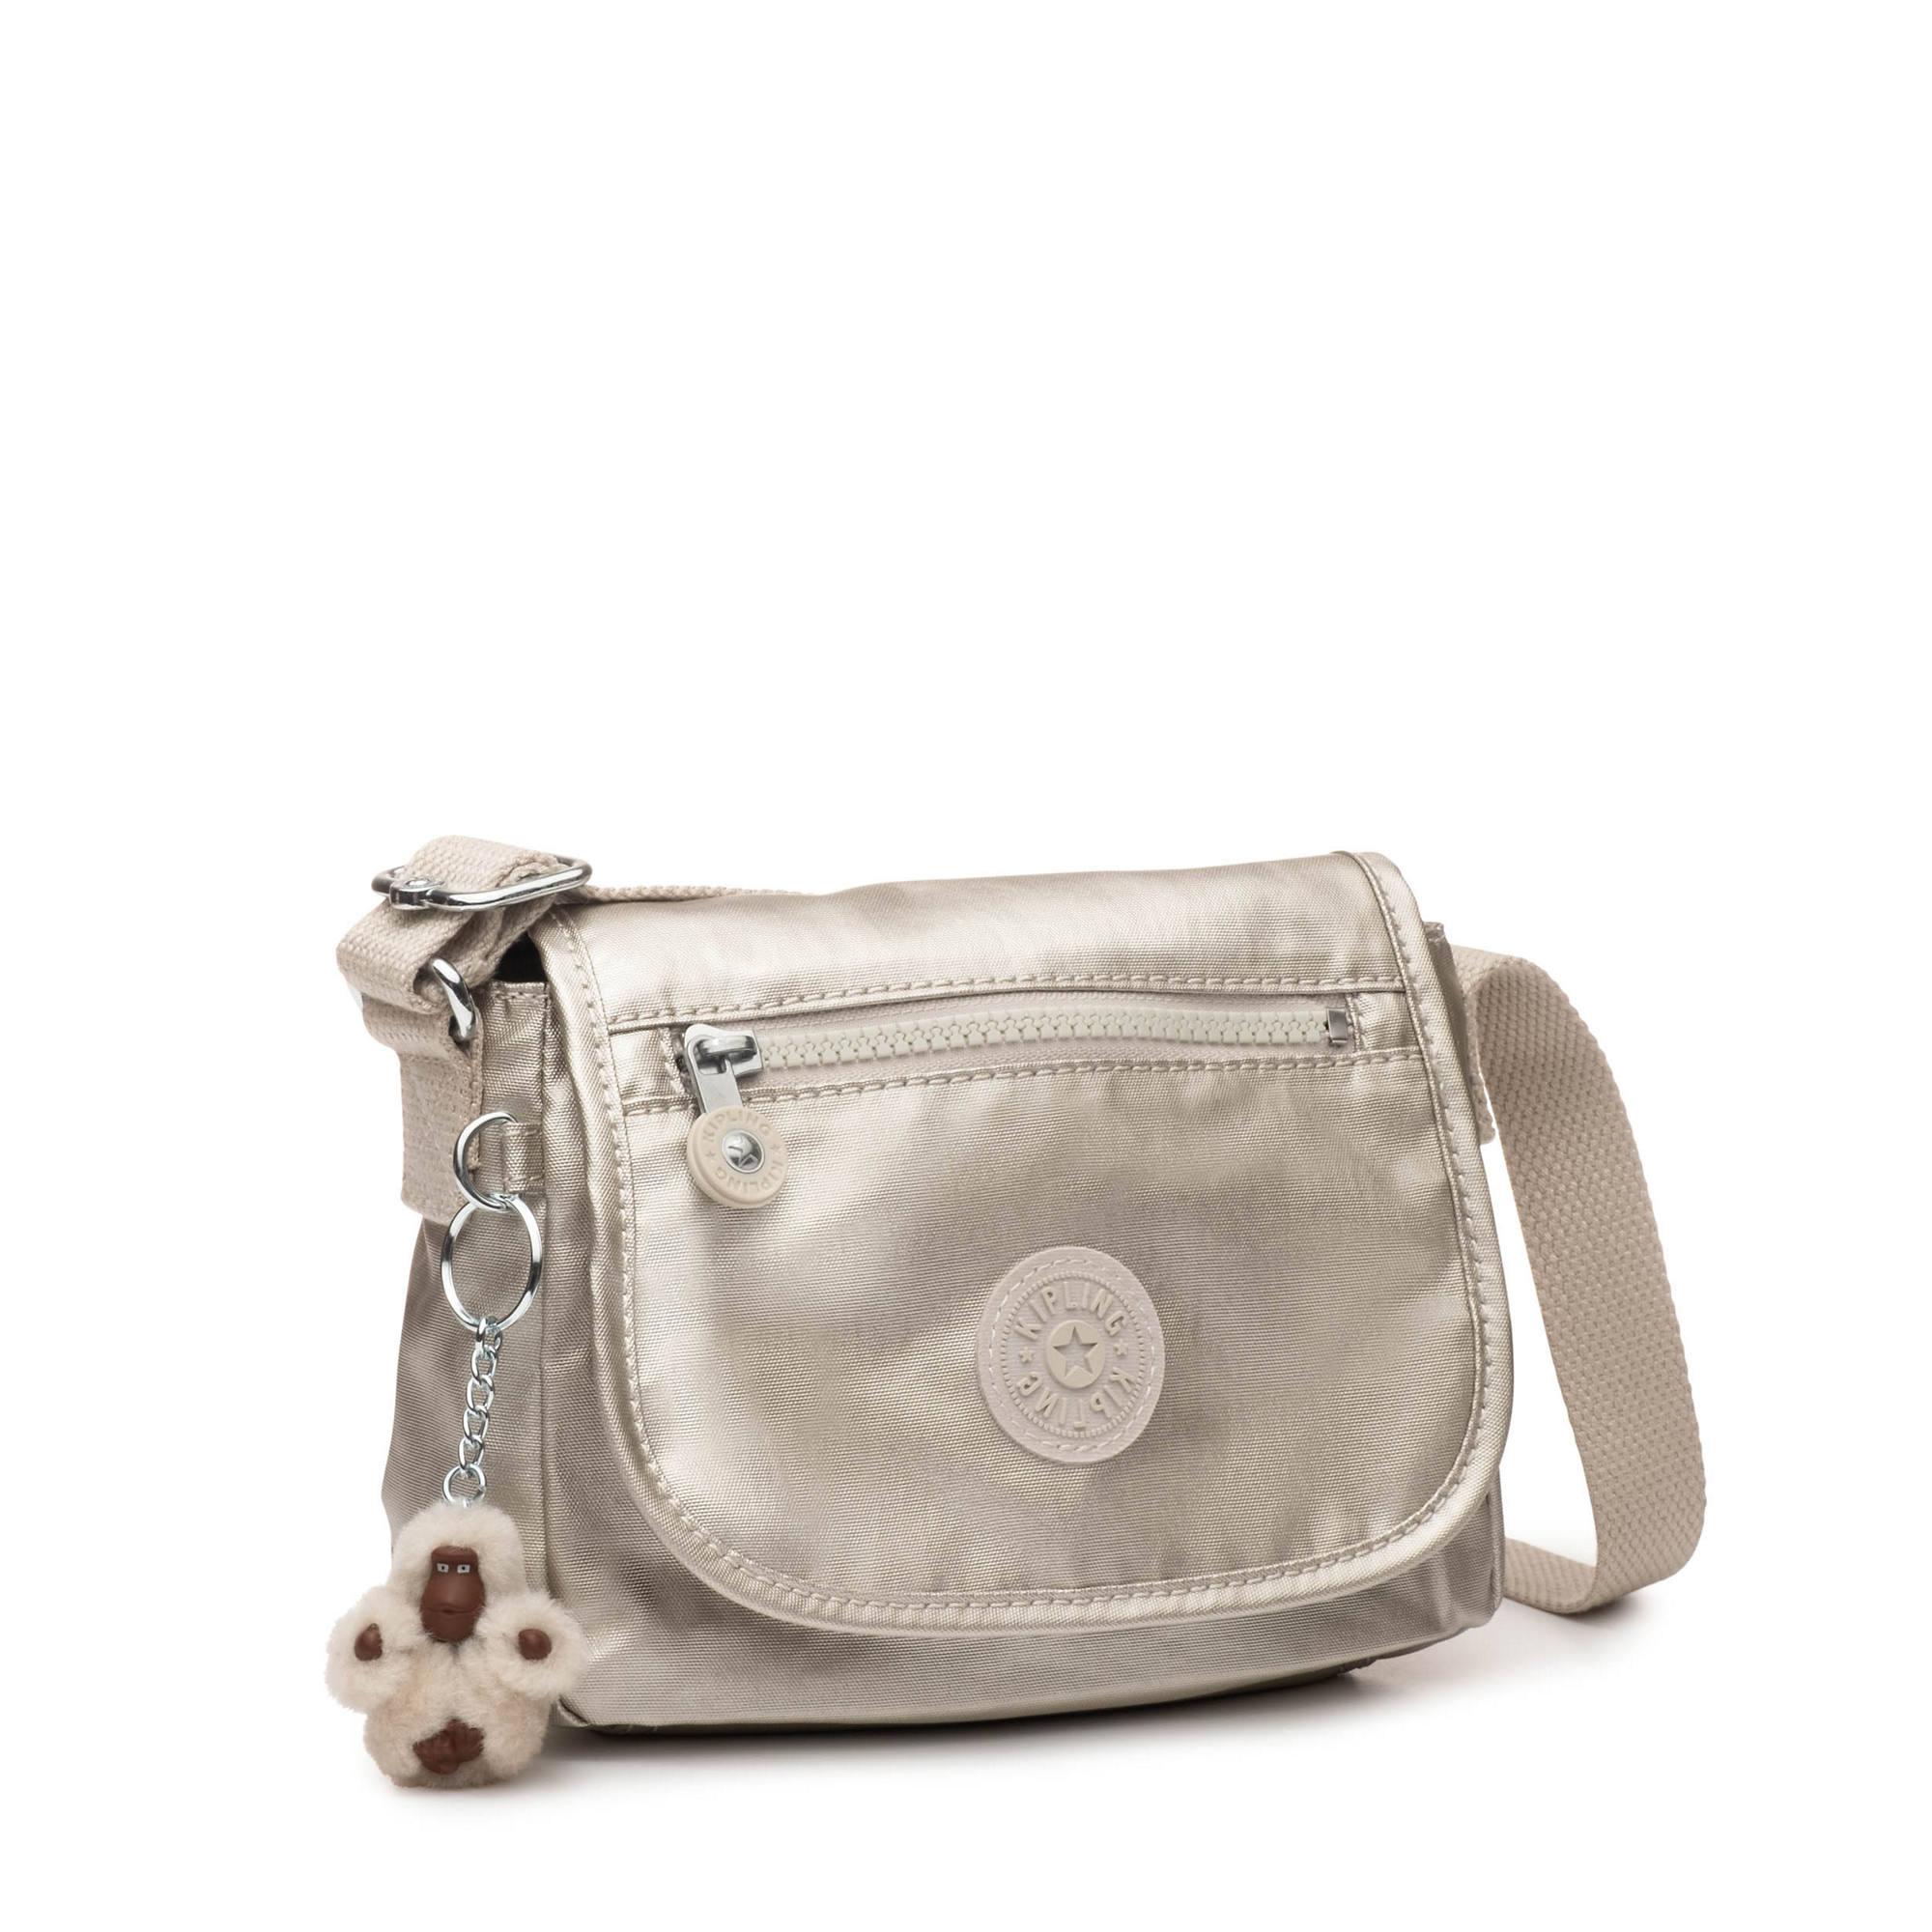 656731aa6f2b7 Sabian Crossbody Metallic Mini Bag